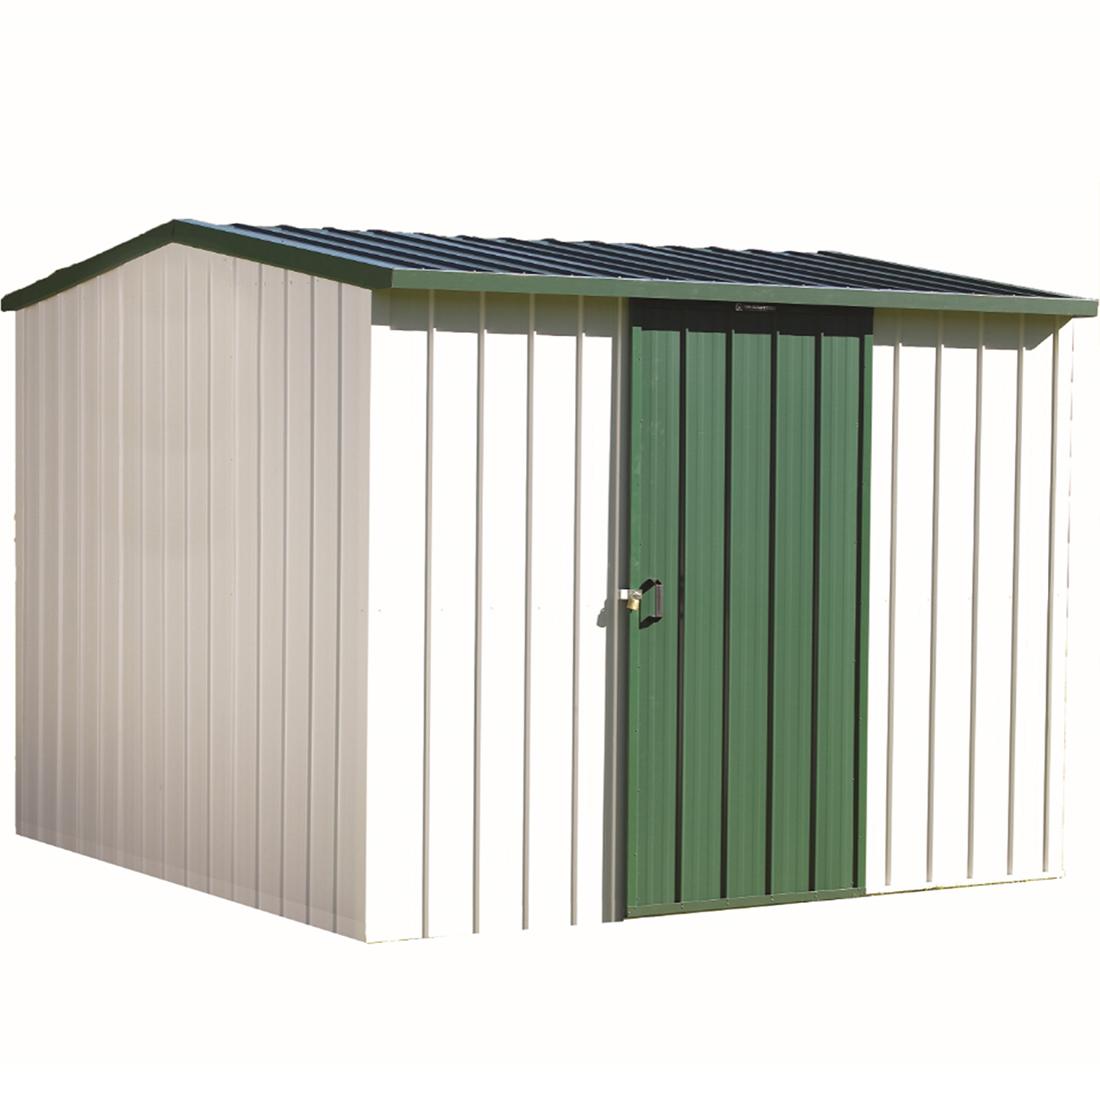 Kiwi Colour Kitset Garden Shed 2.545 x 2.545 x 2.11m